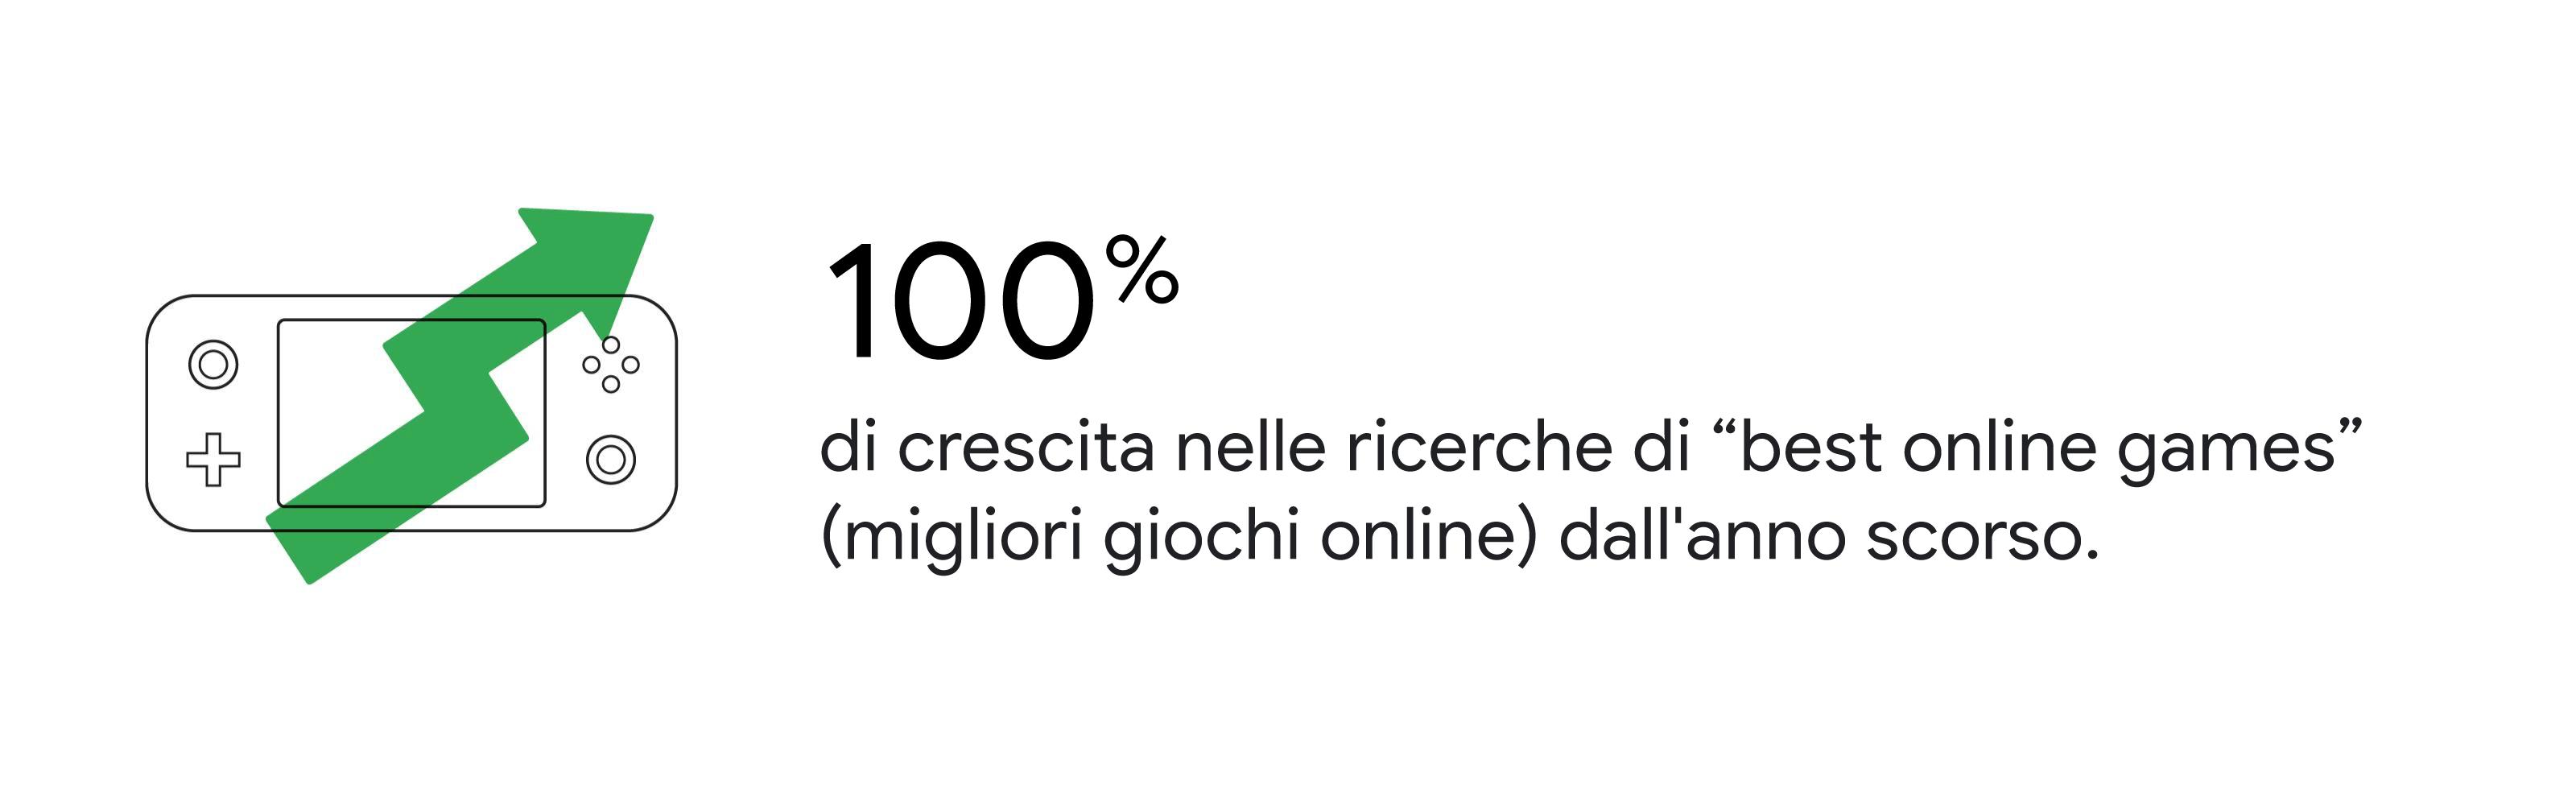 Business Archivi Pagina 11 Di 24 Ninja La Piattaforma Italiana Per La Digital Economy